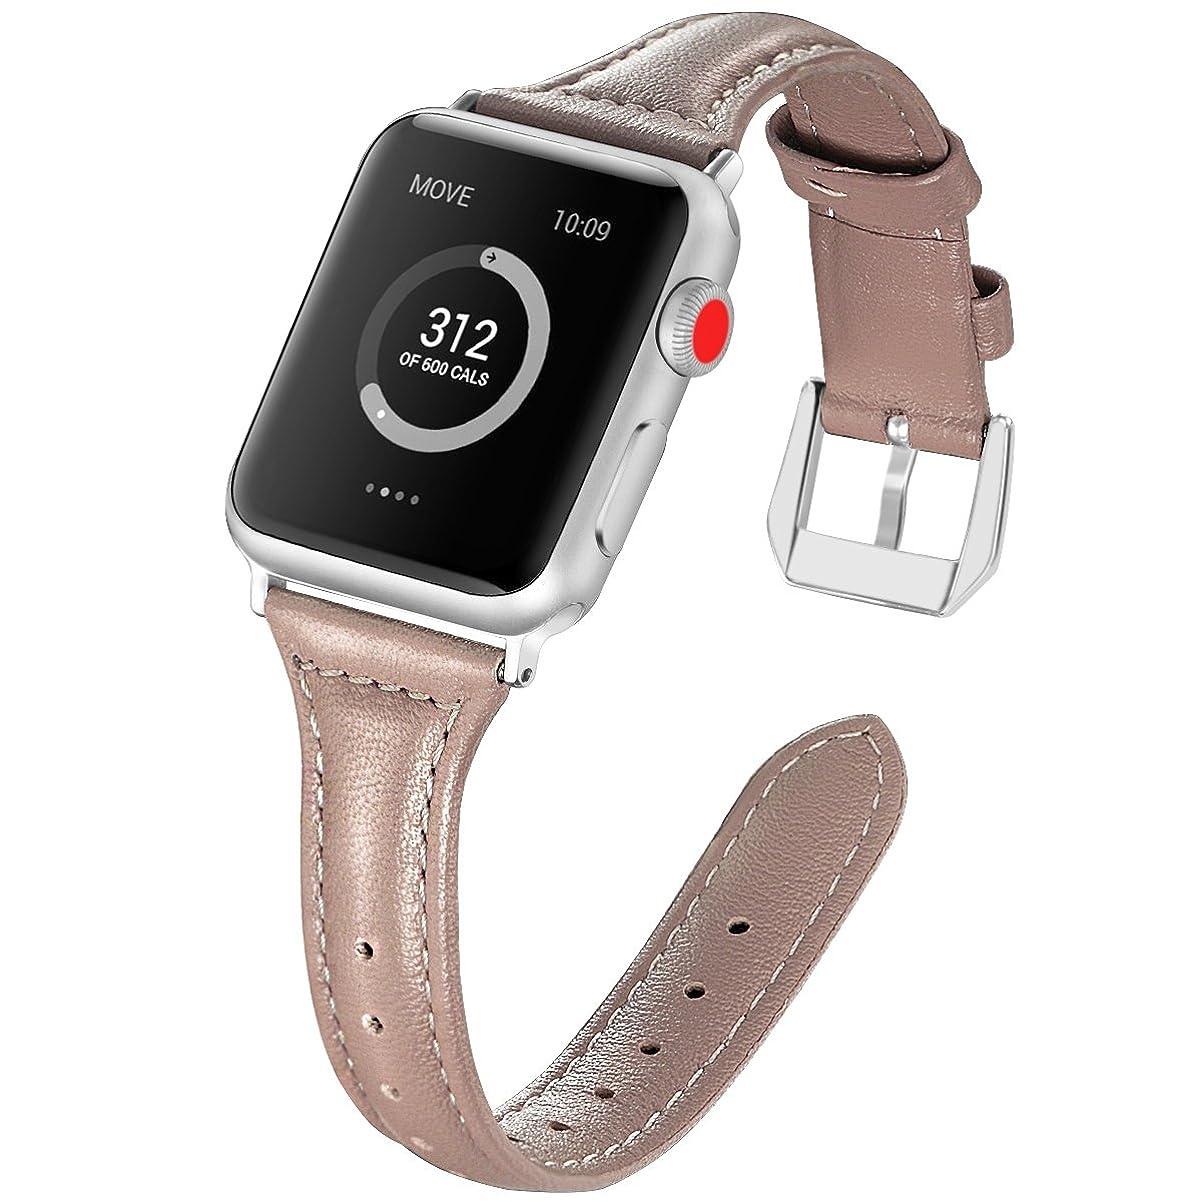 カエル運営心臓Arkgo バンド 38/40mm Compatible with Apple Watch 1/2/3/4/5 バンド, シリカゲルバンド 交換バンド柔らか運動型 アップルウォッチ (38/40mm-L, グレー)